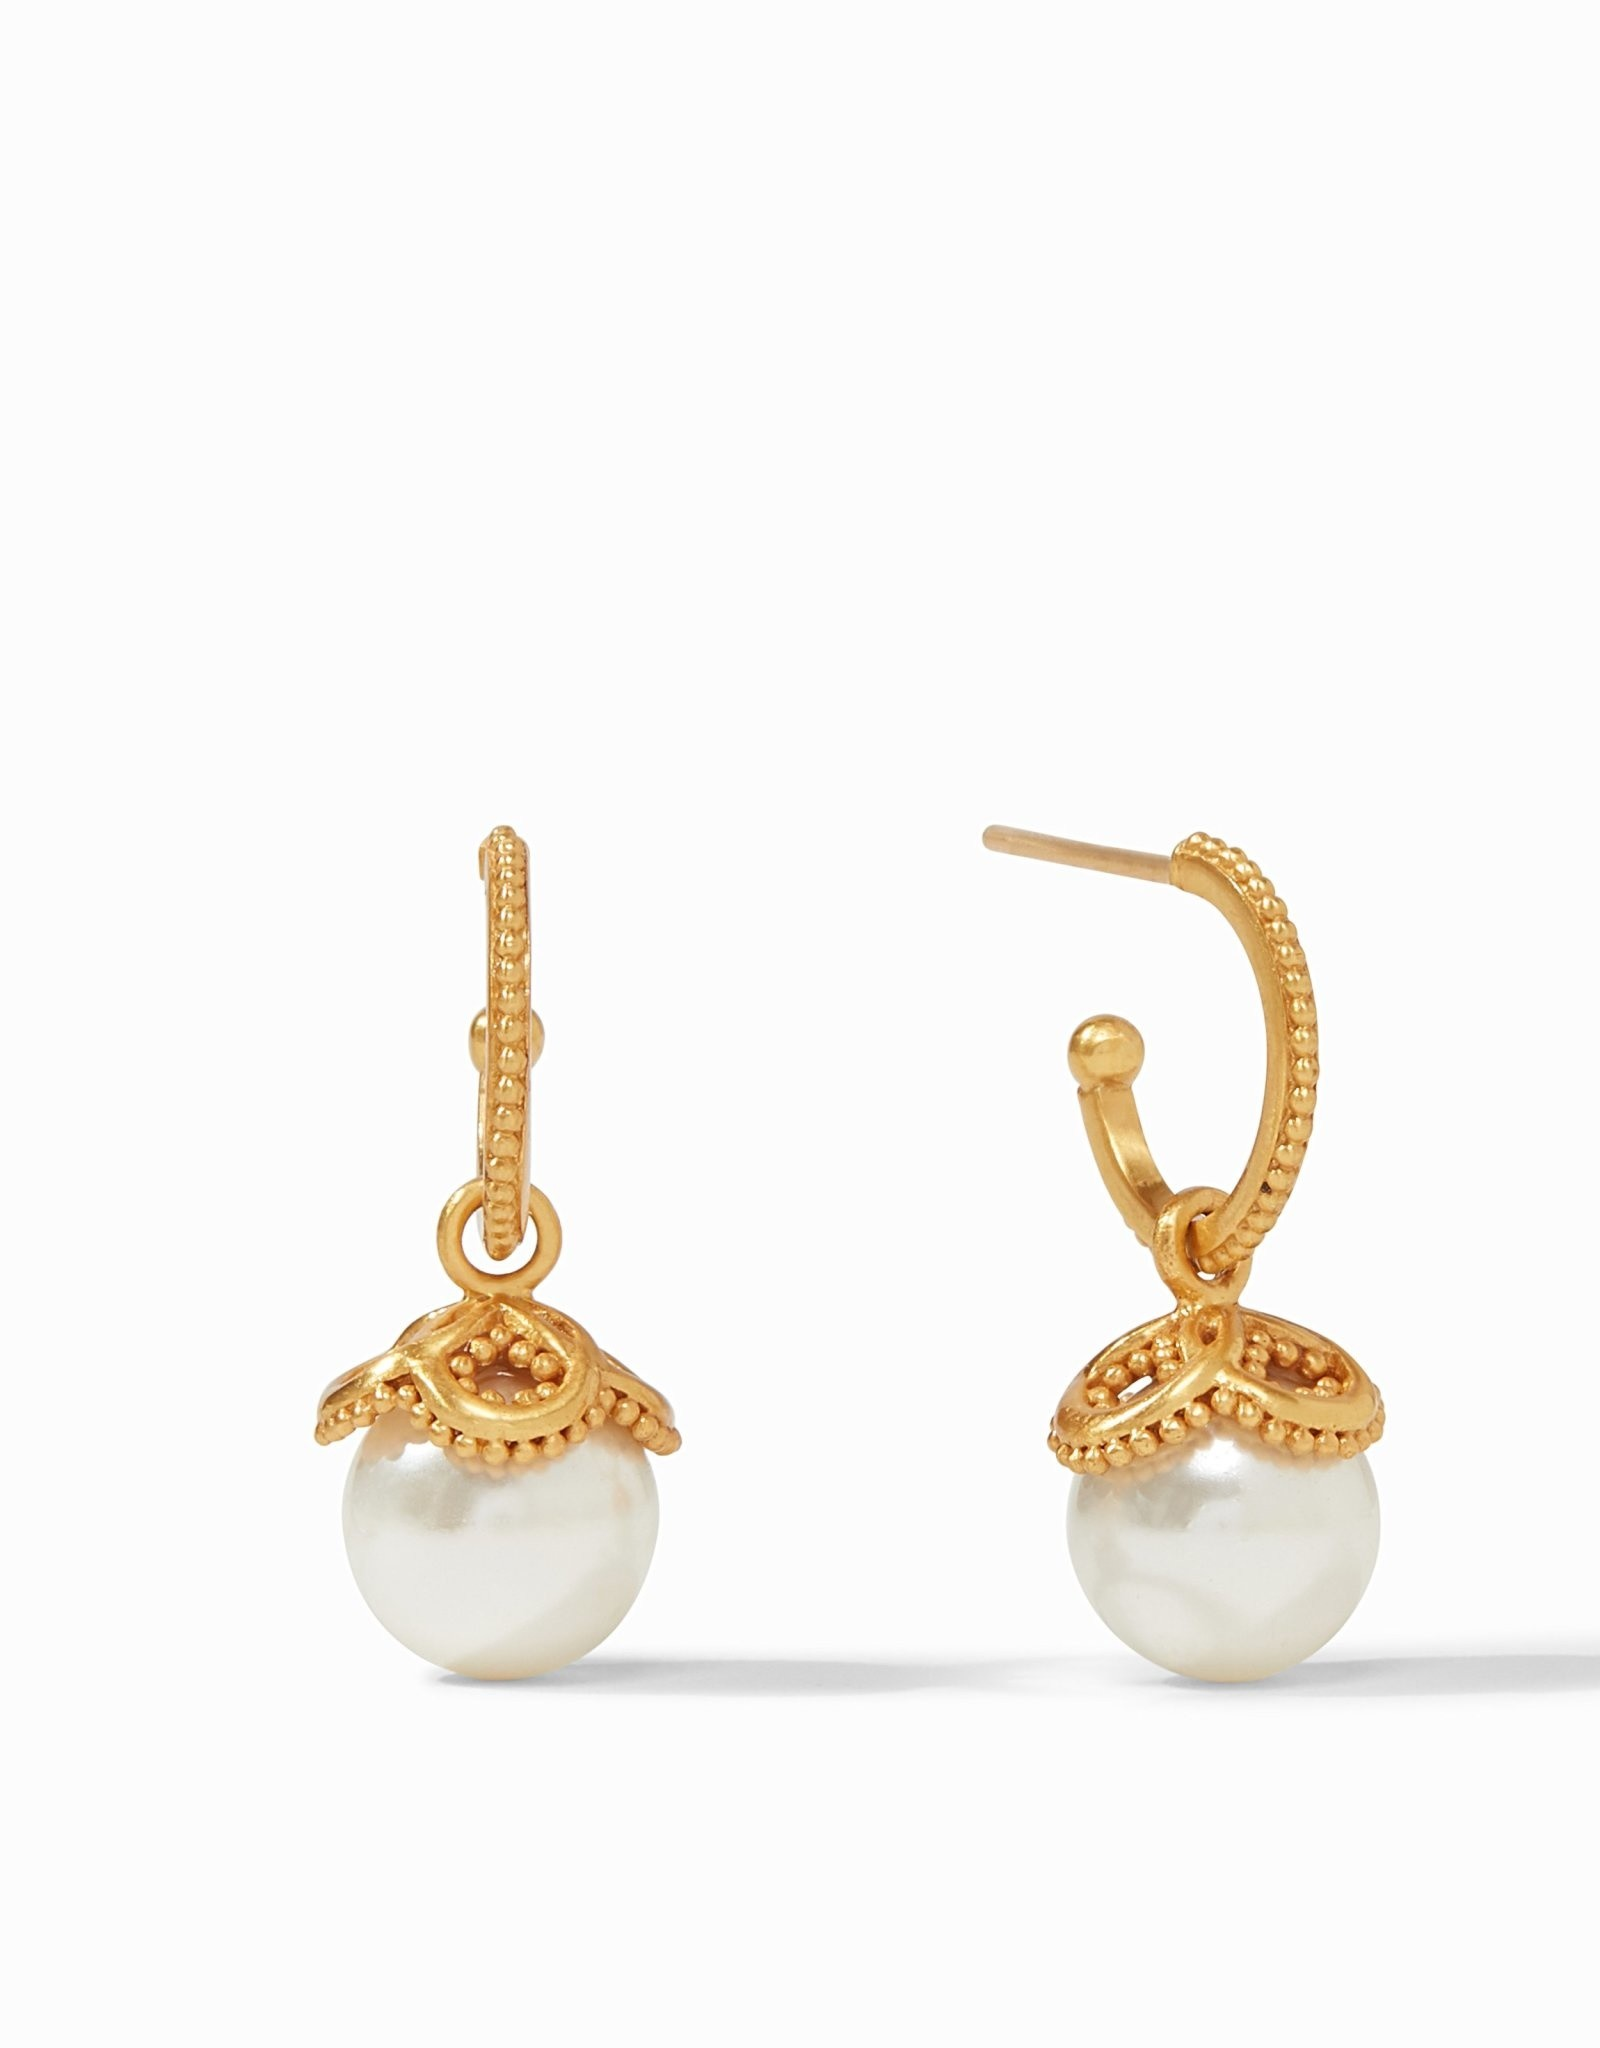 Julie Vos Chloe Pearl Hoop & Charm Earring Gold